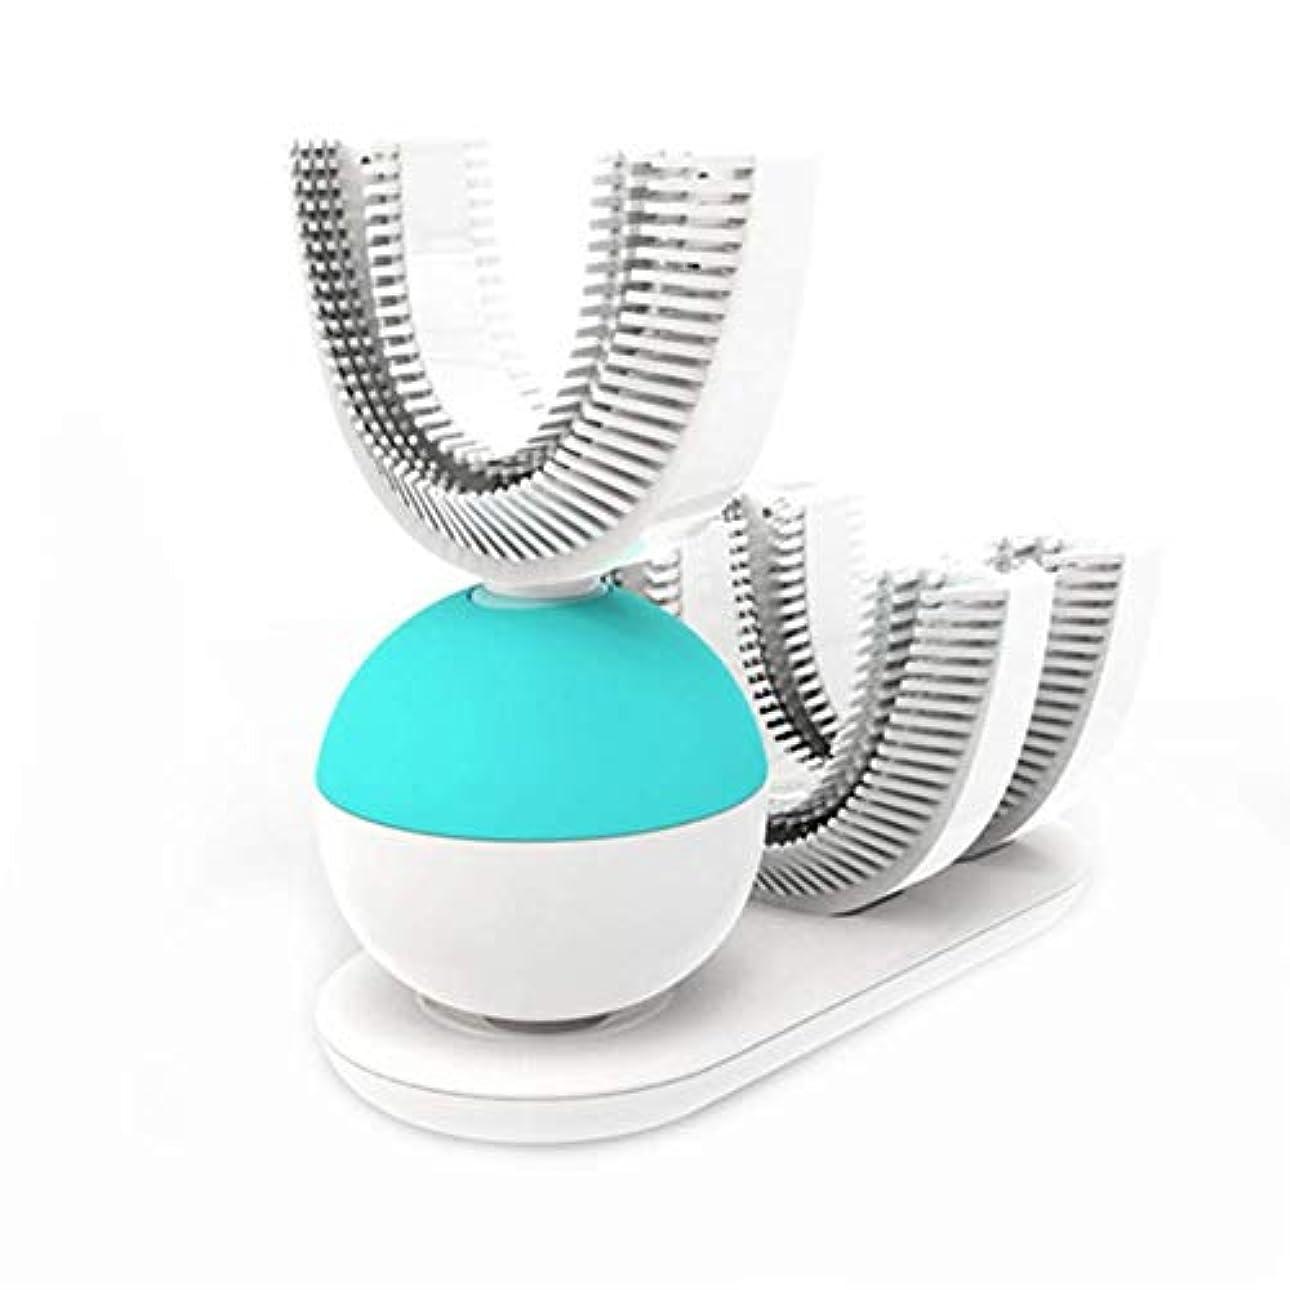 レバースクラッチメッセージ歯のホワイトニングキット敏感な歯、10分の急行結果、汚れリムーバー非感受性、口トレイ